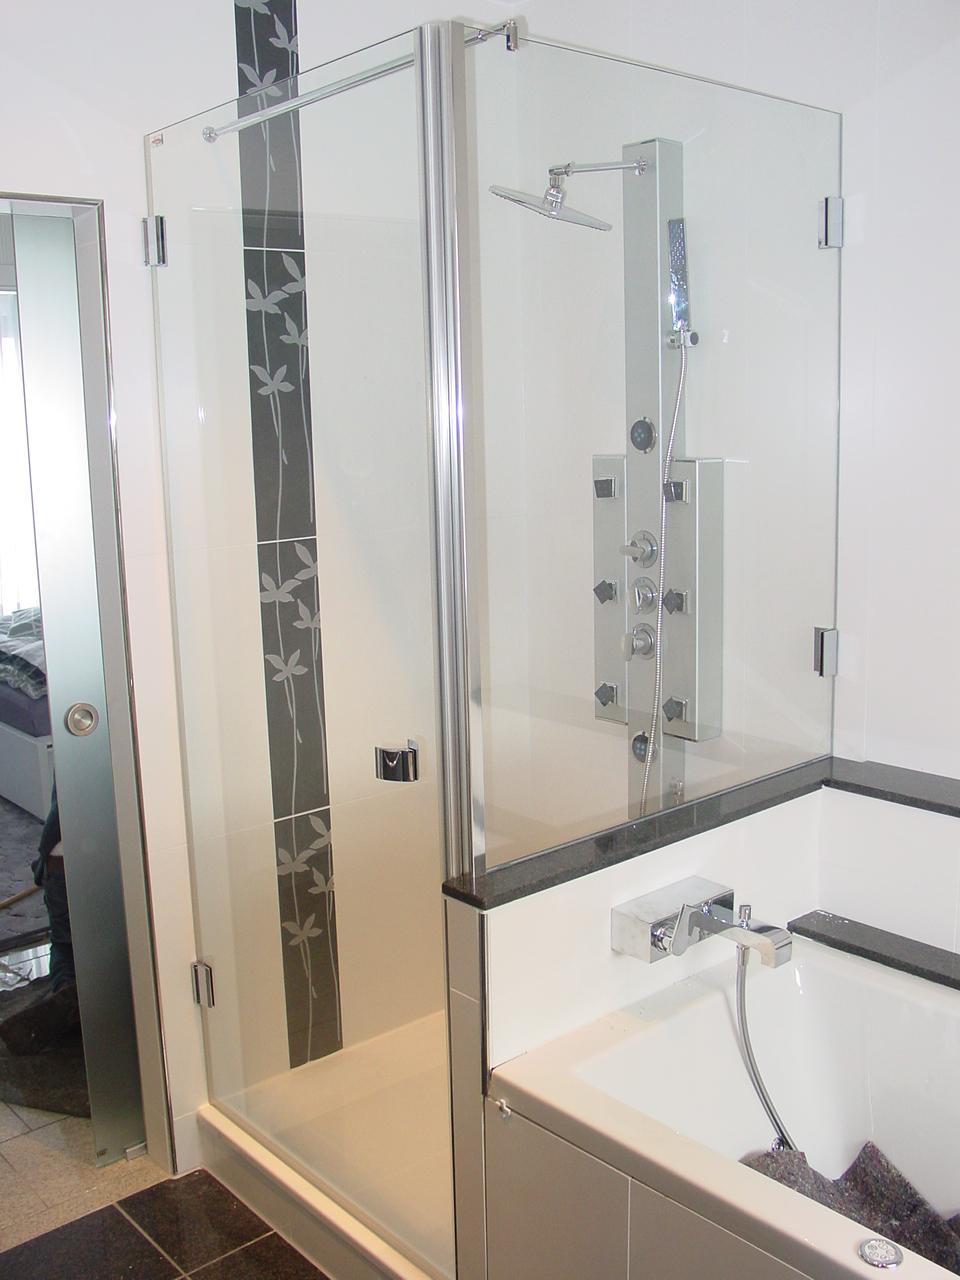 Full Size of Schulte Duschen Werksverkauf Dusche Nischentür Bluetooth Lautsprecher Fliesen Für Bodenebene Begehbare Ebenerdig Bodengleich Hüppe Einhebelmischer Dusche Glaswand Dusche